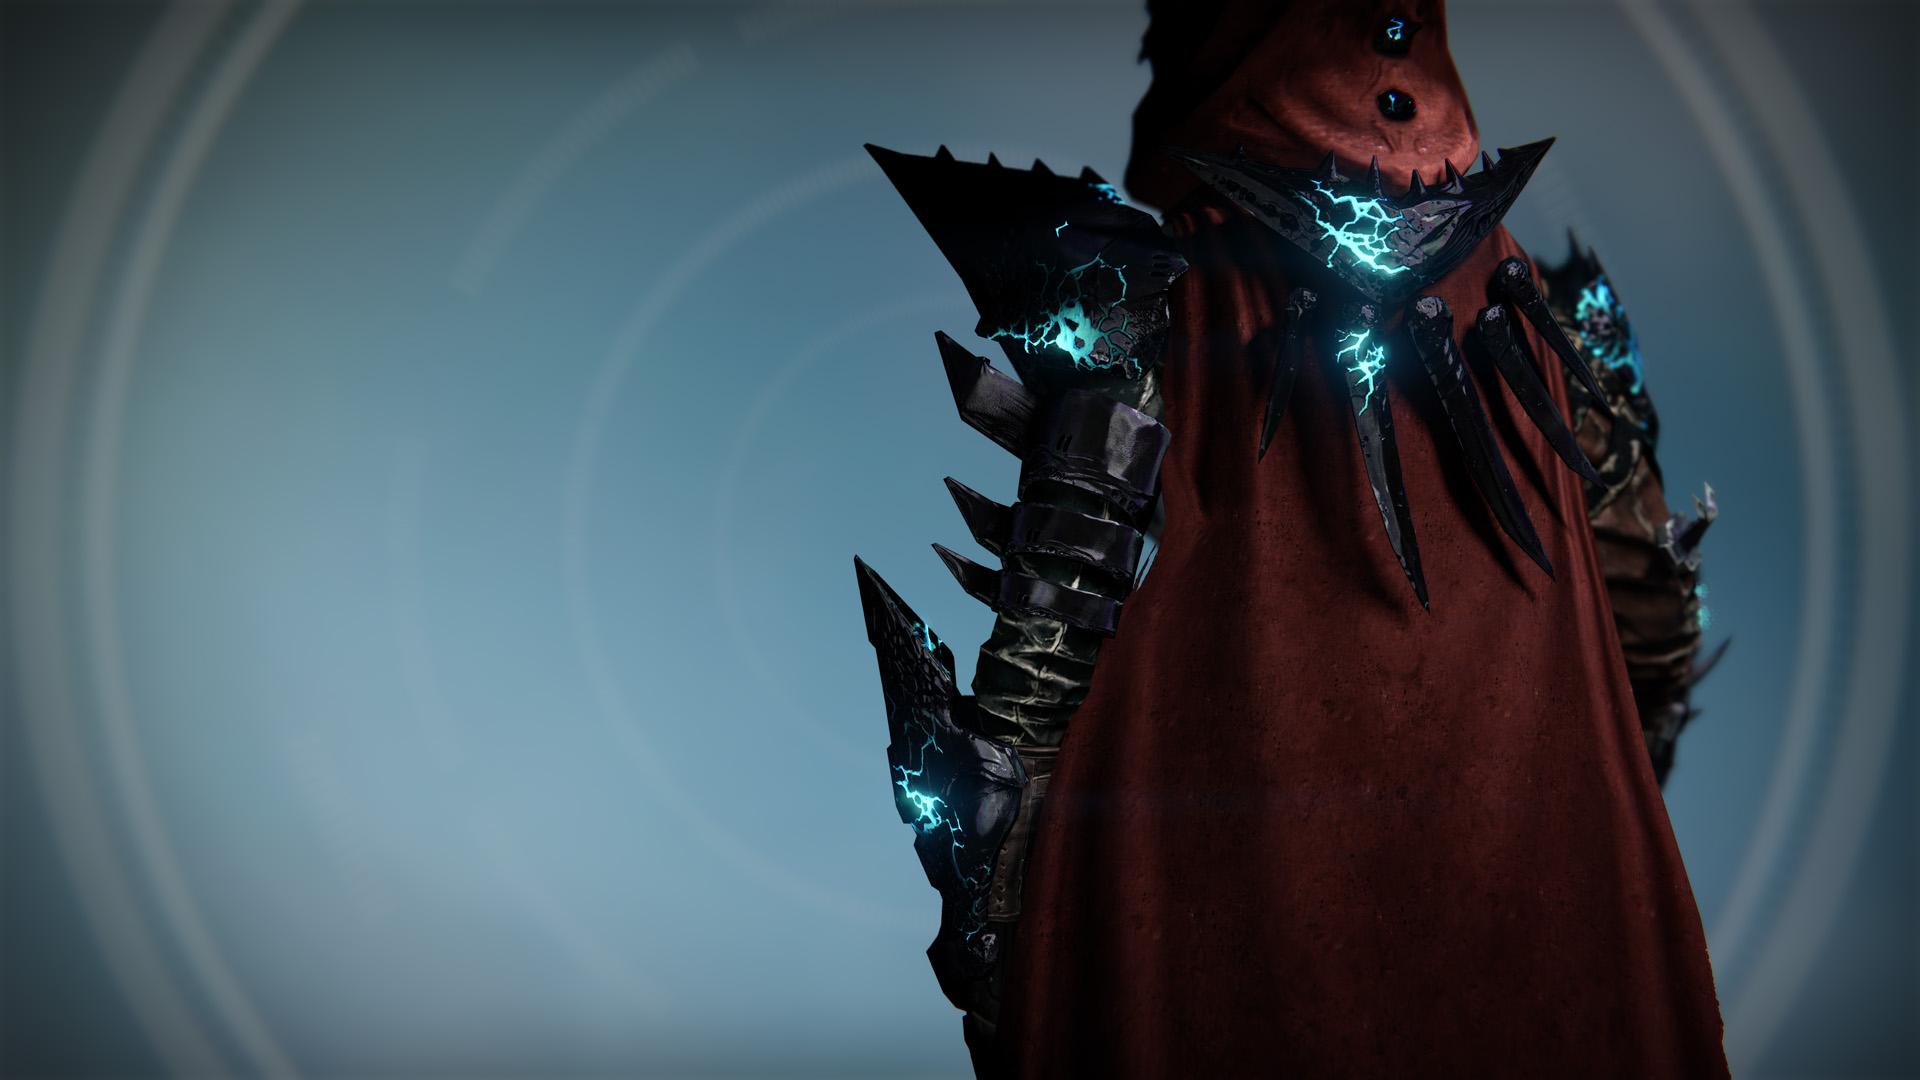 King's raid awakening gear